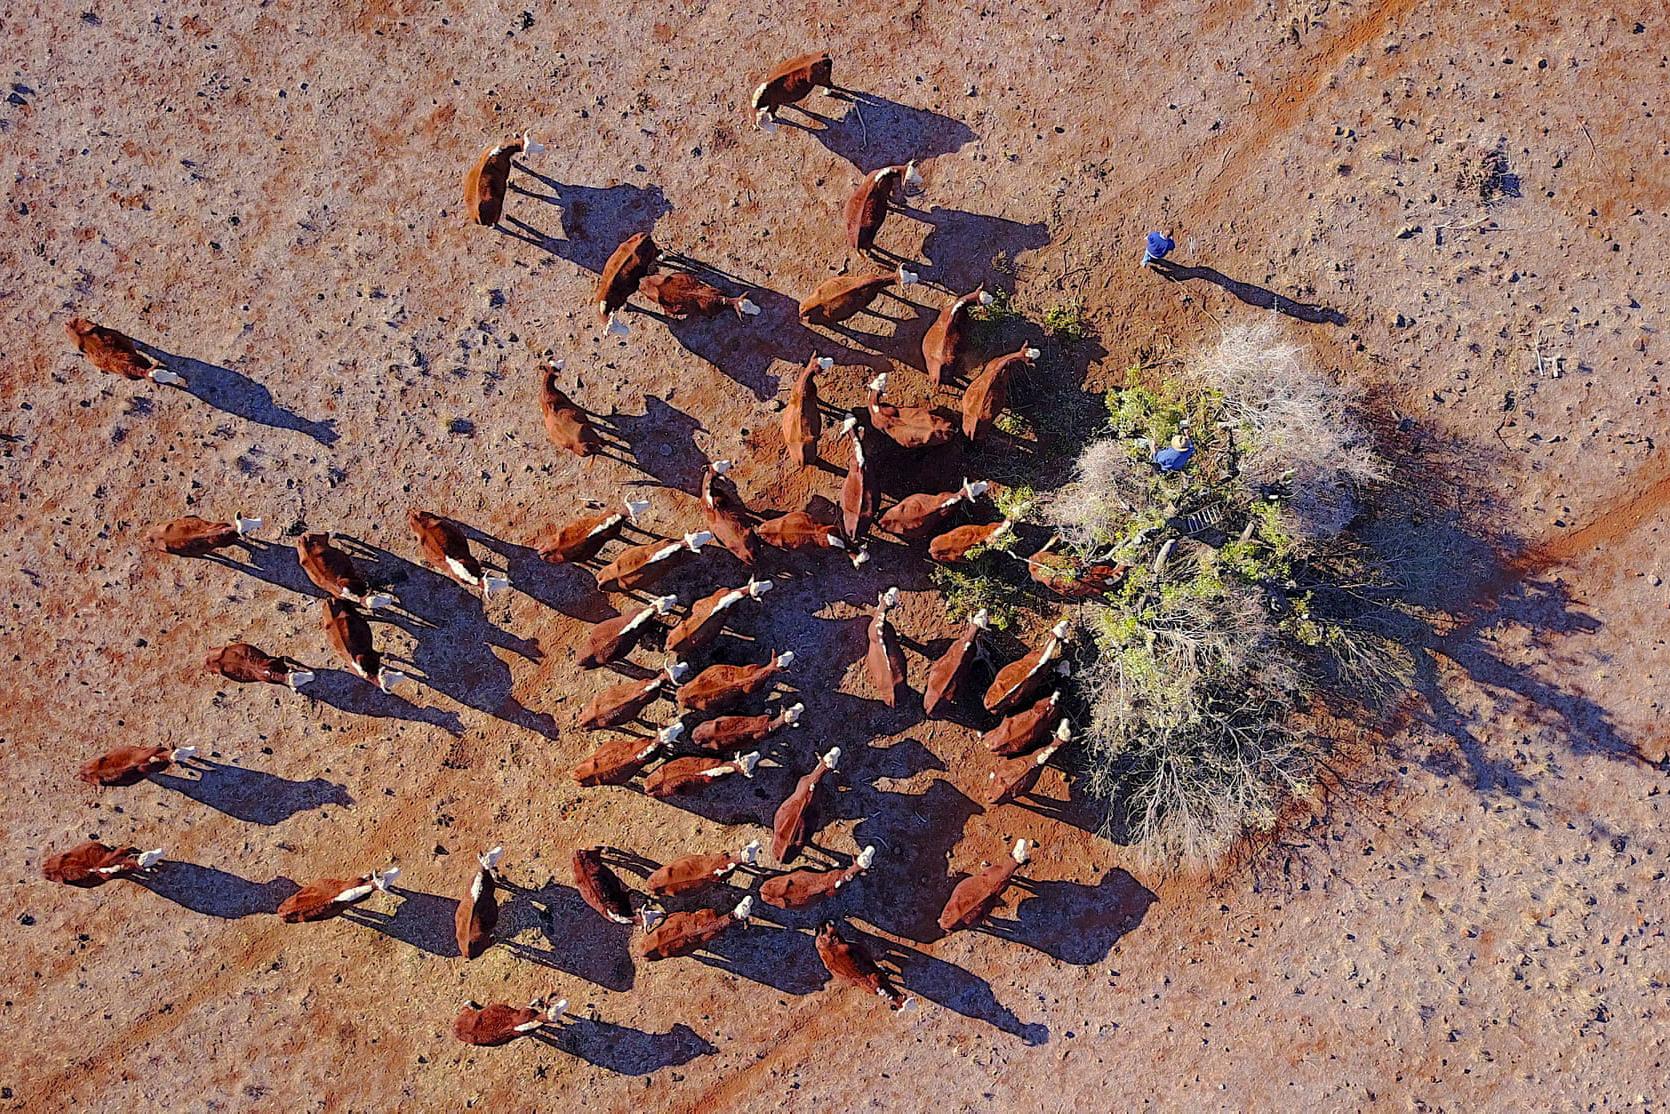 Фото дня: засуха в Австралии с высоты птичьего полета Фото дня: засуха в Австралии с высоты птичьего полета 2